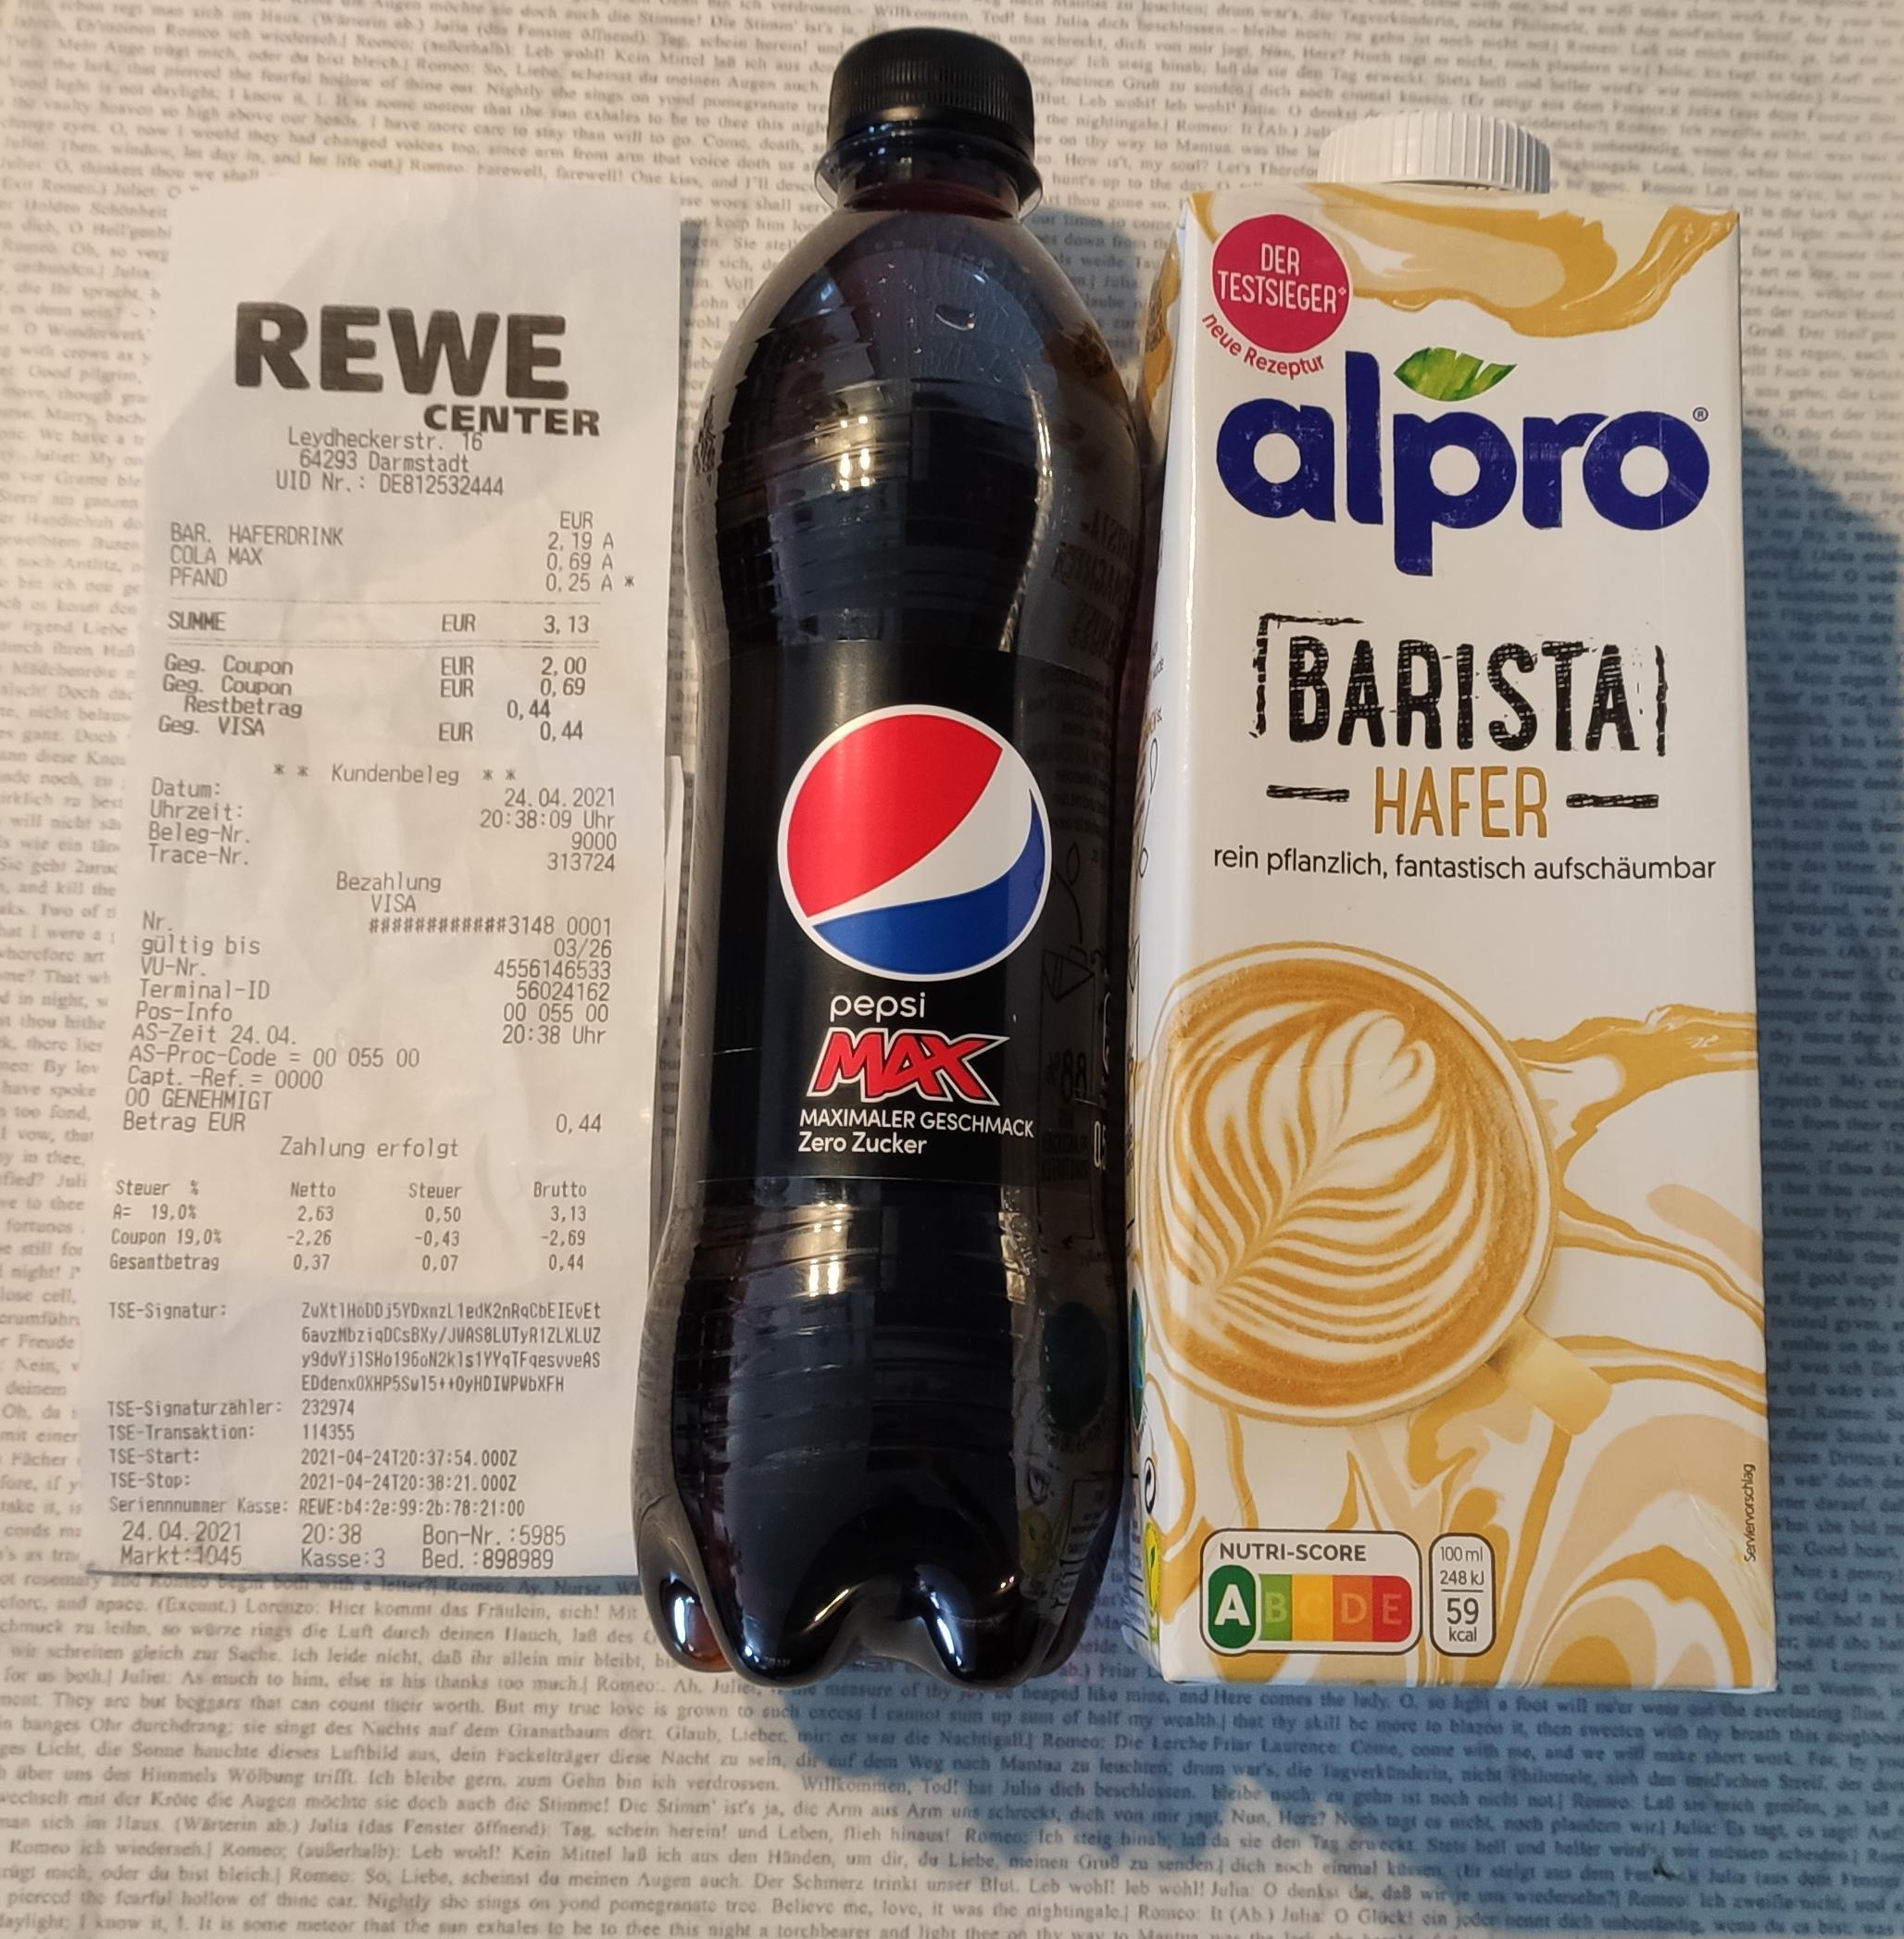 [REWE] alpro Barista Hafer Drink 1-Liter für 0,19€